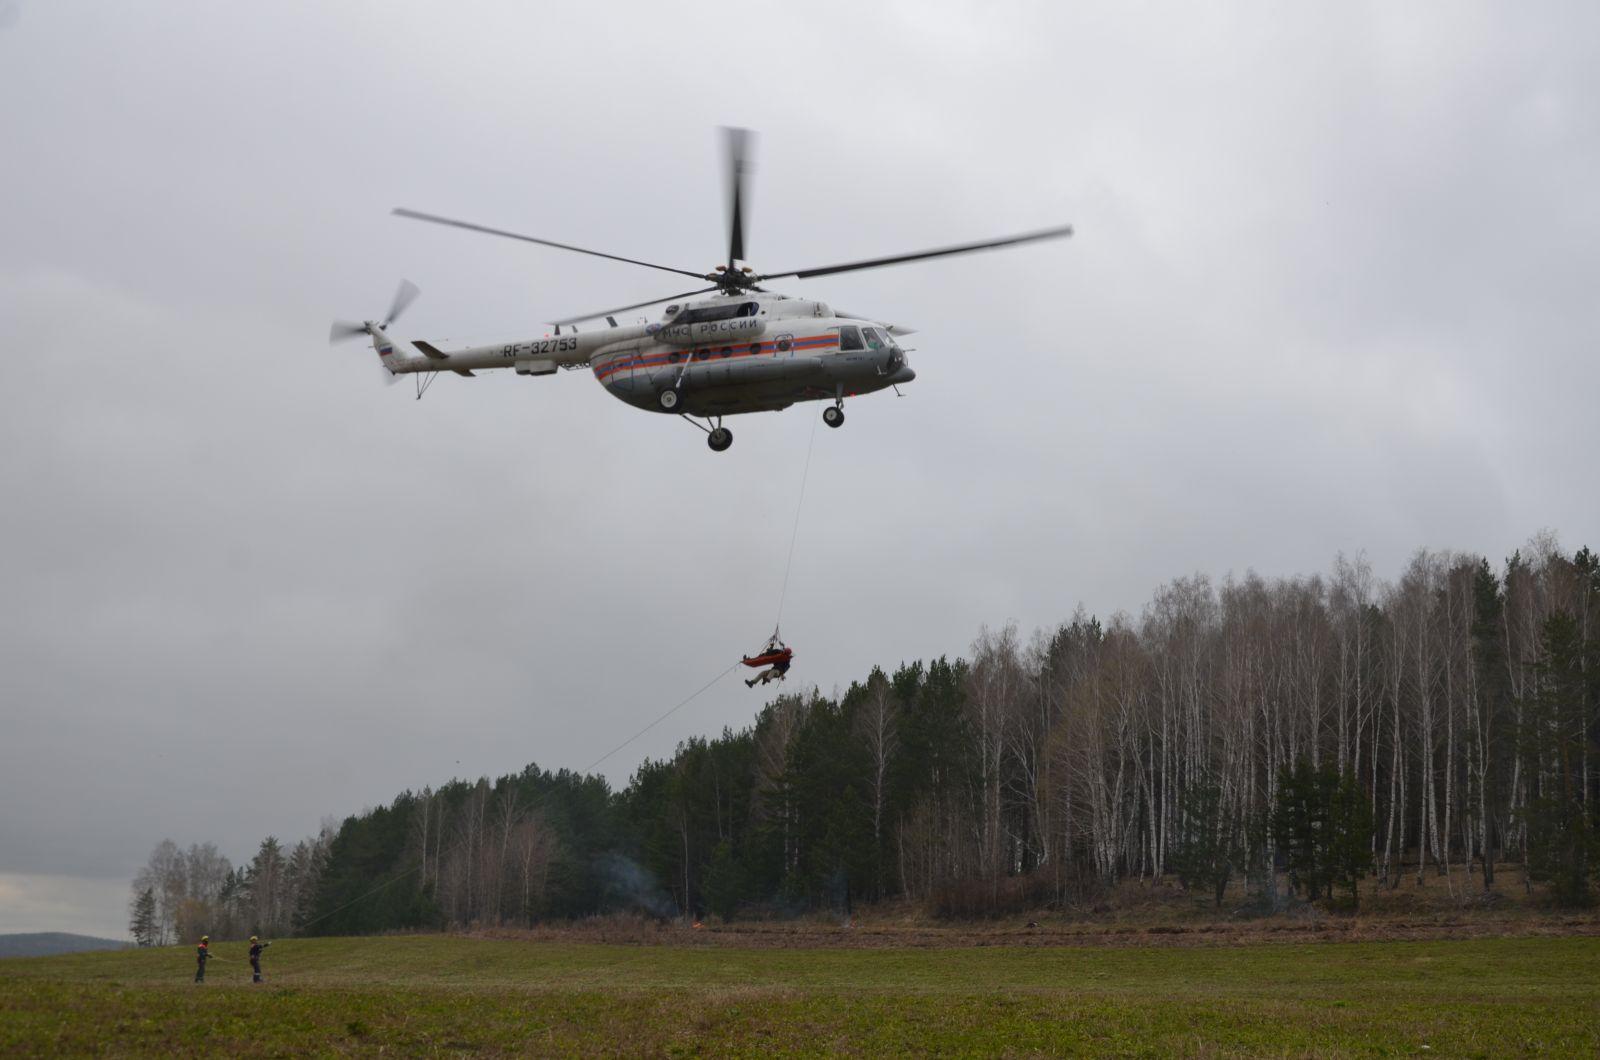 Два вертолета Ми-8 тушили пожар вСтолинском районе